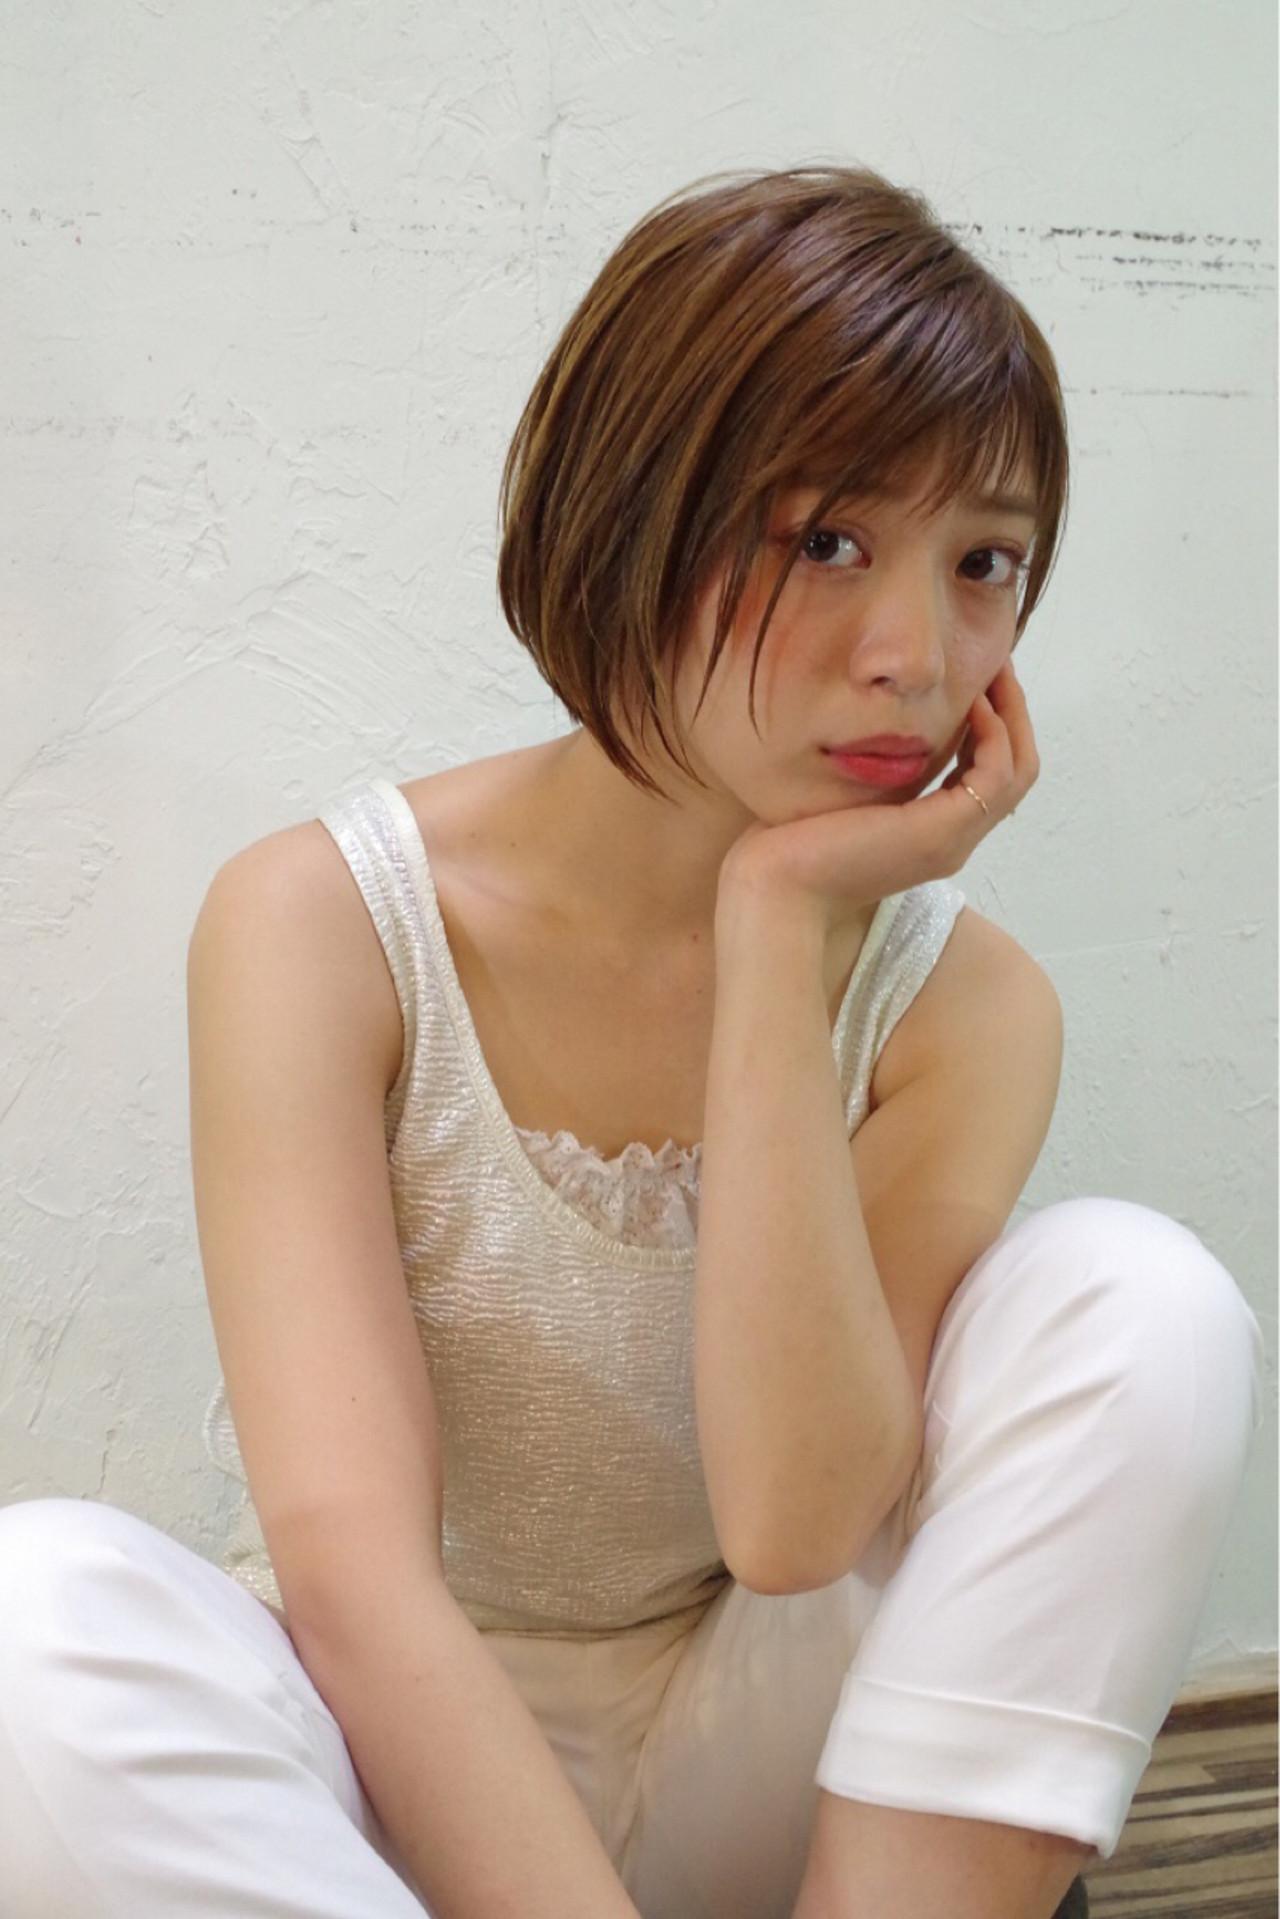 前髪あり アッシュ ナチュラル ボブ ヘアスタイルや髪型の写真・画像 | Nao Kokubun blast / blast